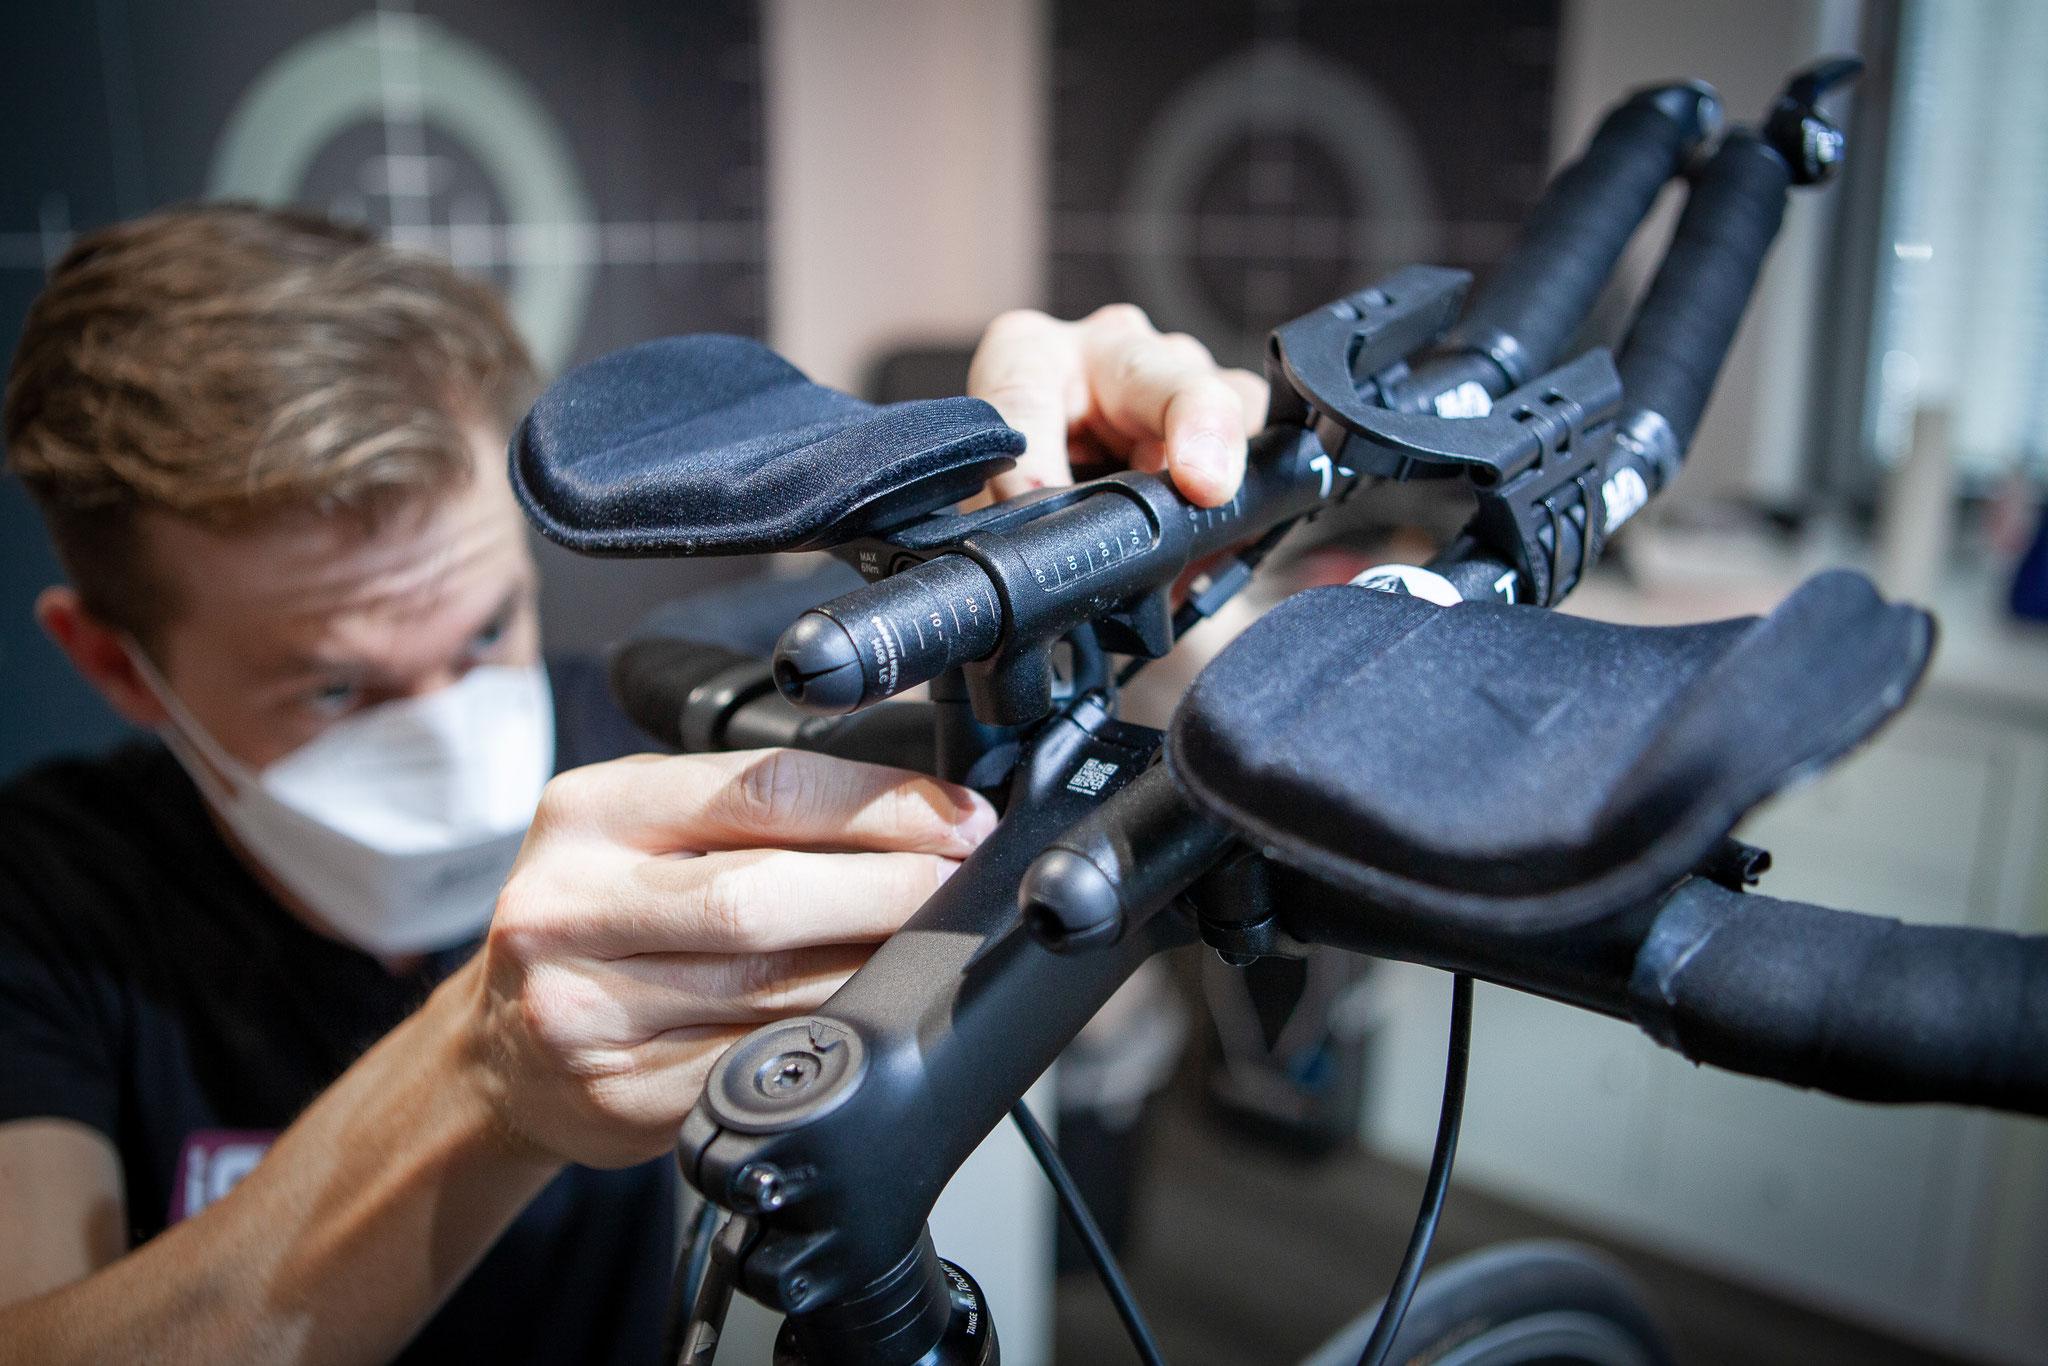 Millimeterarbeit beim Einstellen des Lenkers (Foto: Nils Thies)